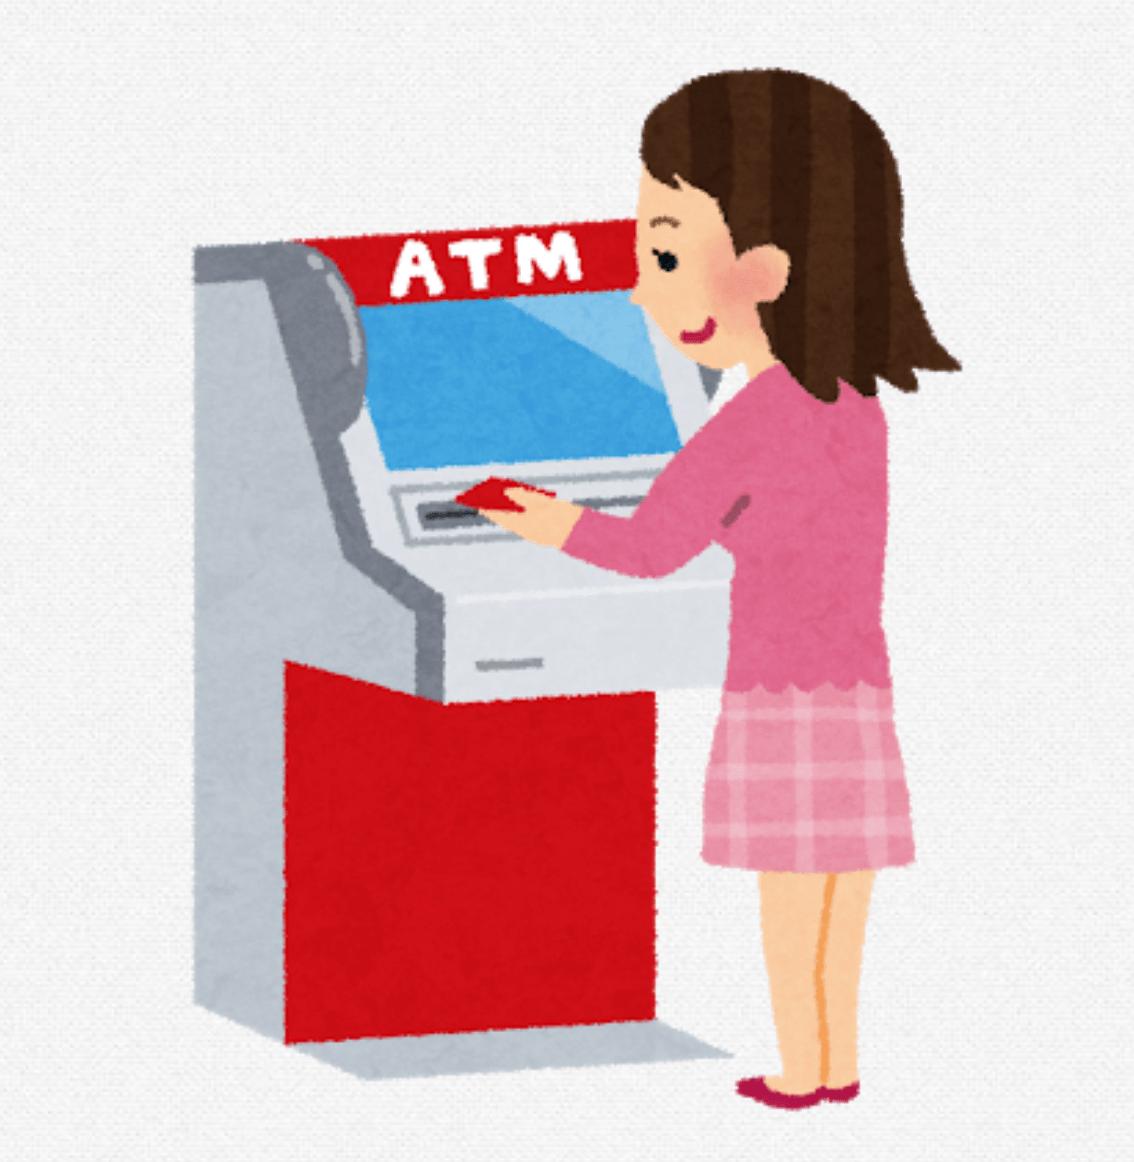 全国の銀行の営業日や営業時間・ATM手数料検索一覧